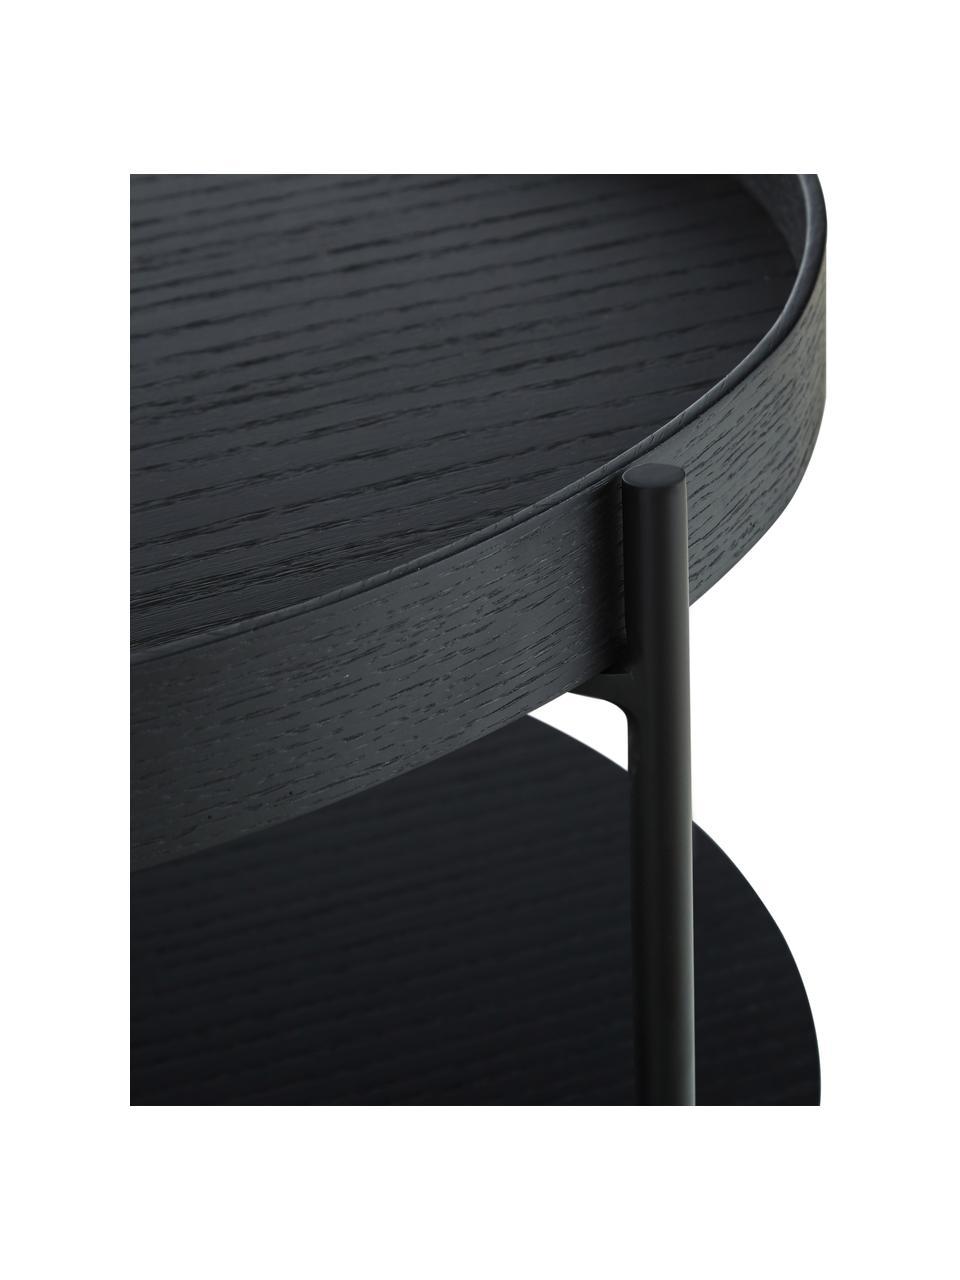 Tavolino da salotto con piano d'appoggio Renee, Ripiani: pannello di fibra a media, Struttura: metallo, verniciato a pol, Ripiani: nero Struttura: nero opaco, Ø 69 x Alt. 39 cm